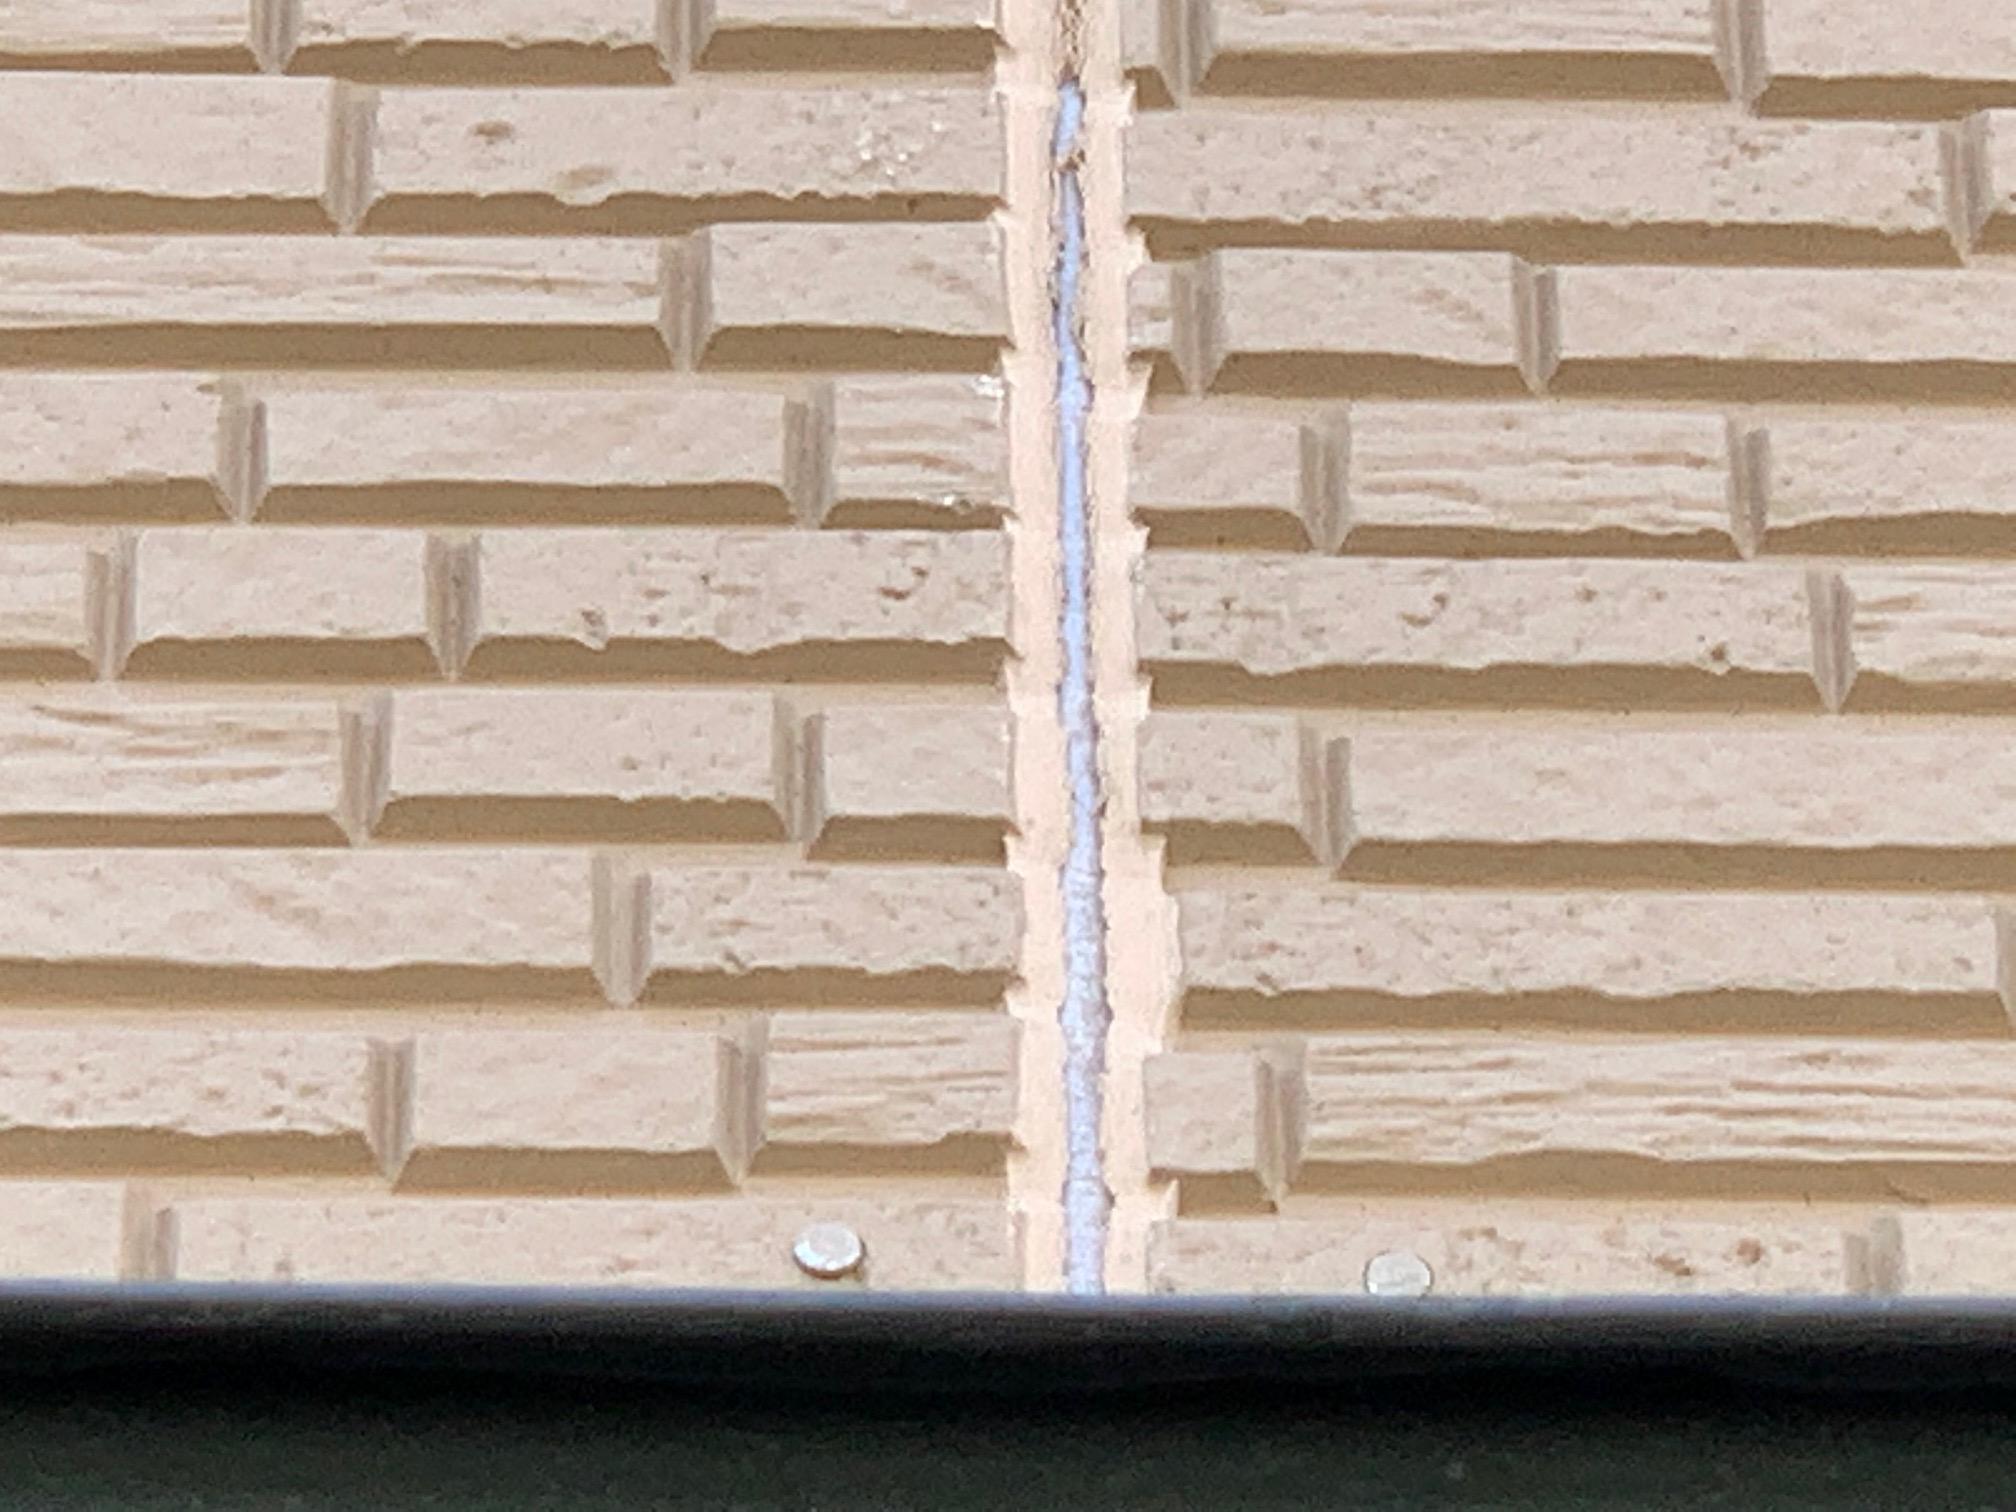 【八戸】防水工事の闇 外壁塗装|屋根塗装|塗装業者|塗装屋|塗装会社